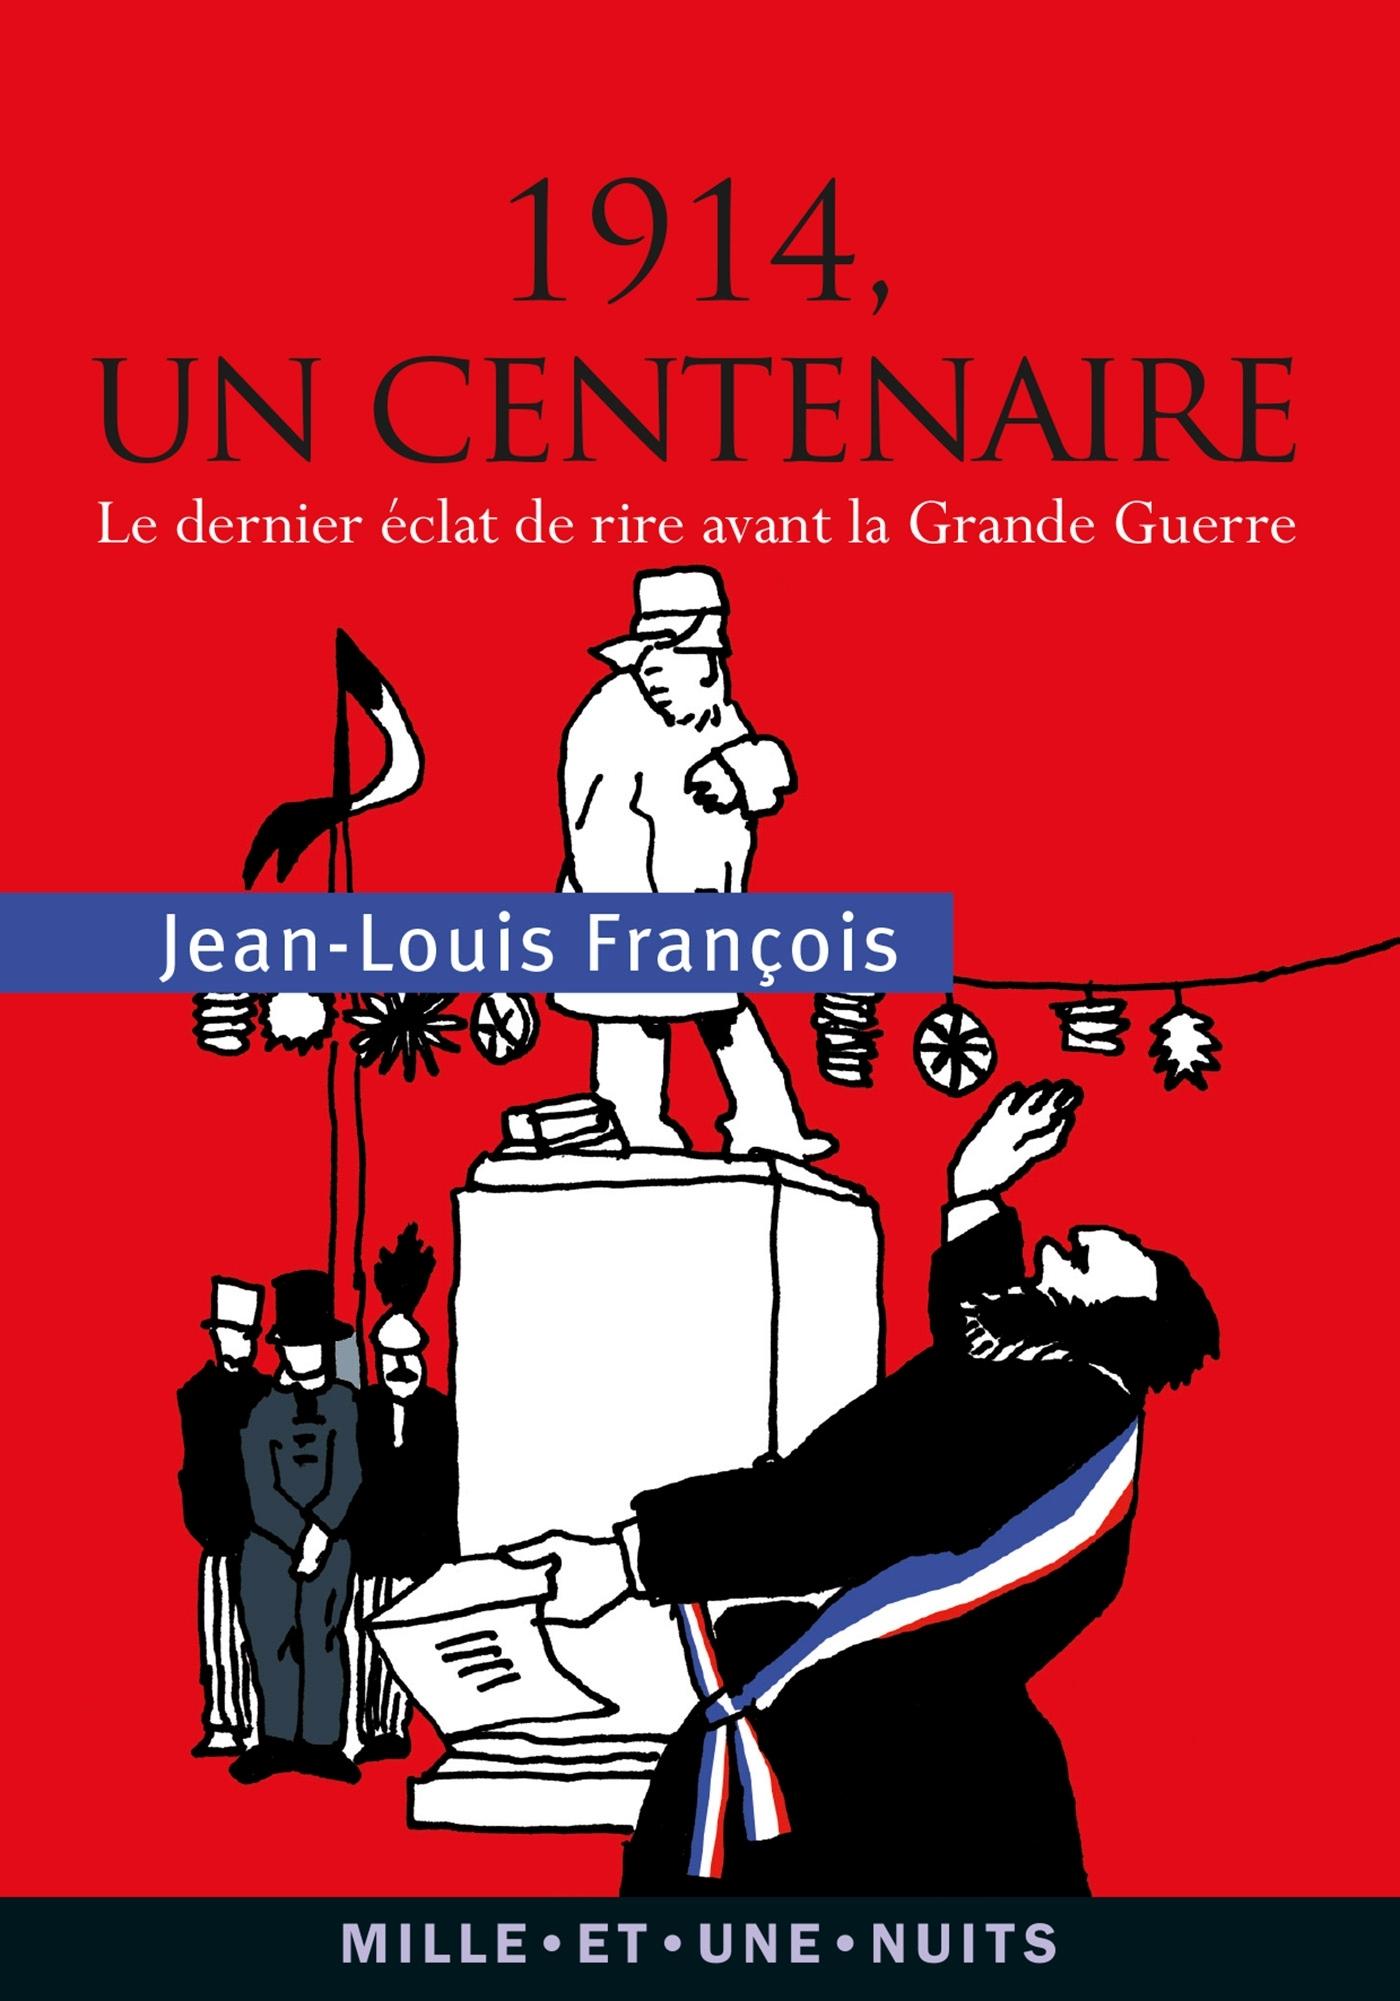 1914, UN CENTENAIRE - LE DERNIER ECLAT DE RIRE AVANT LA GRANDE GUERRE